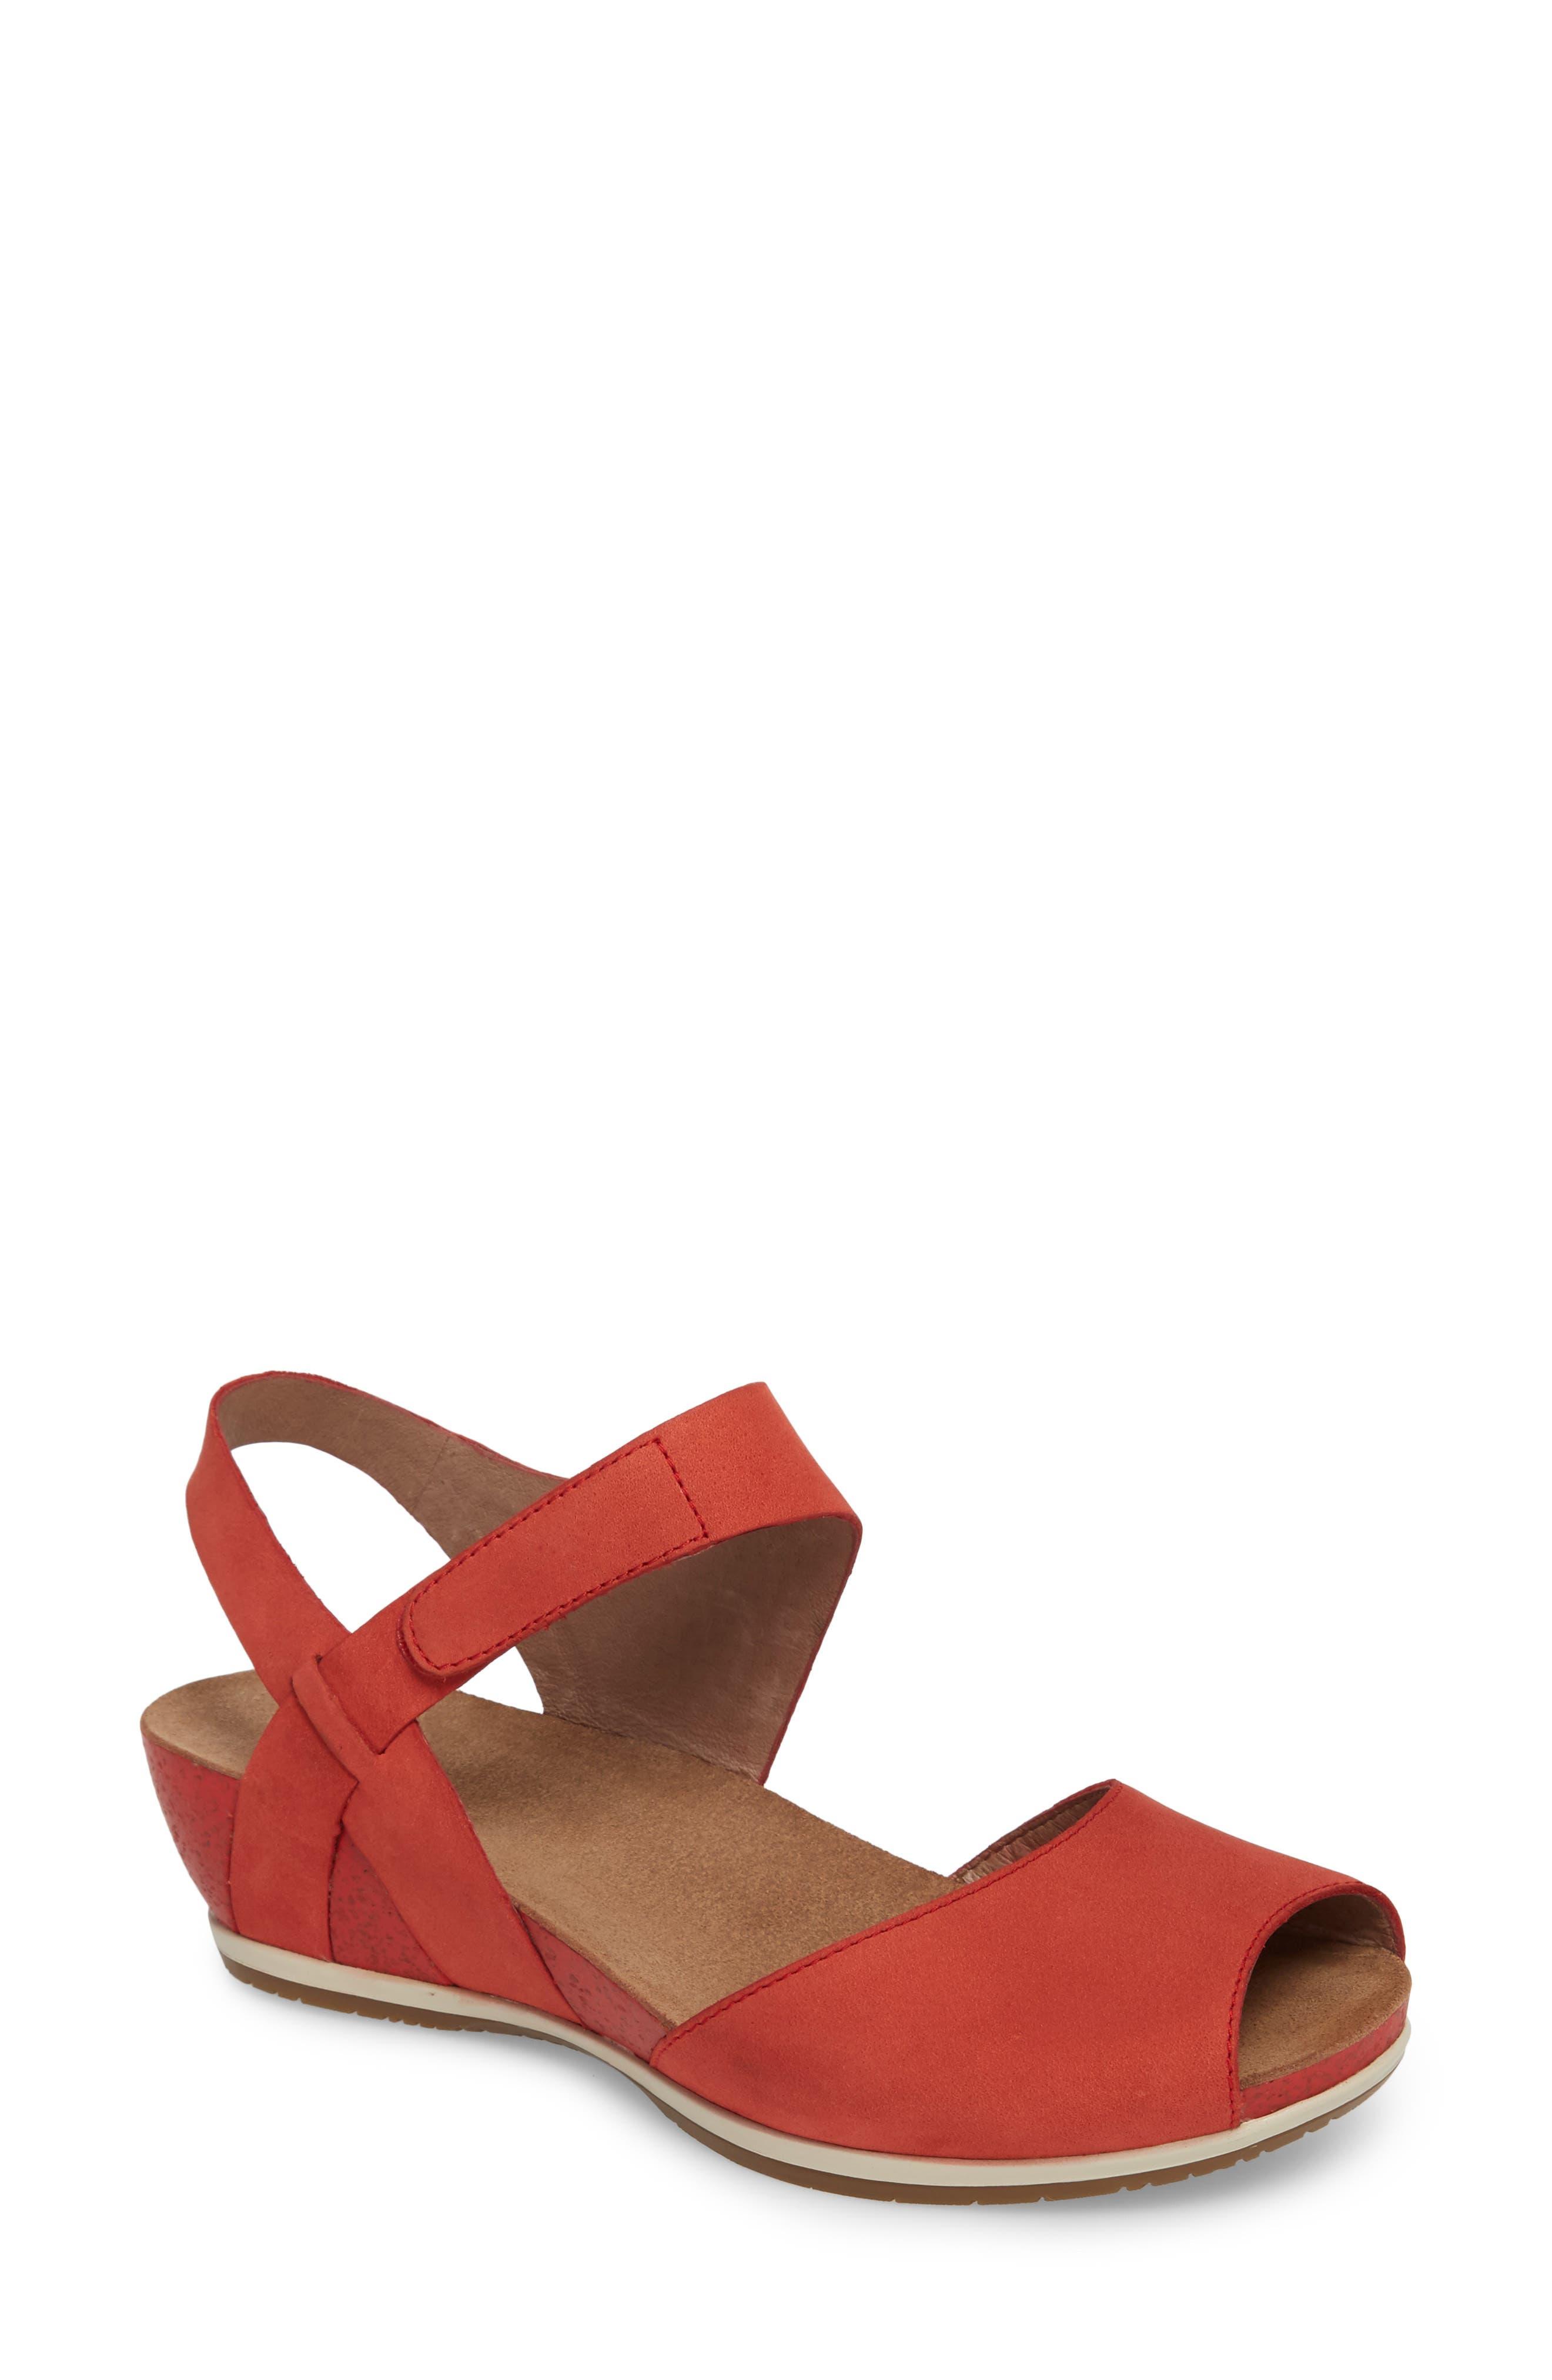 Dansko Shoes Clogs Nordstrom